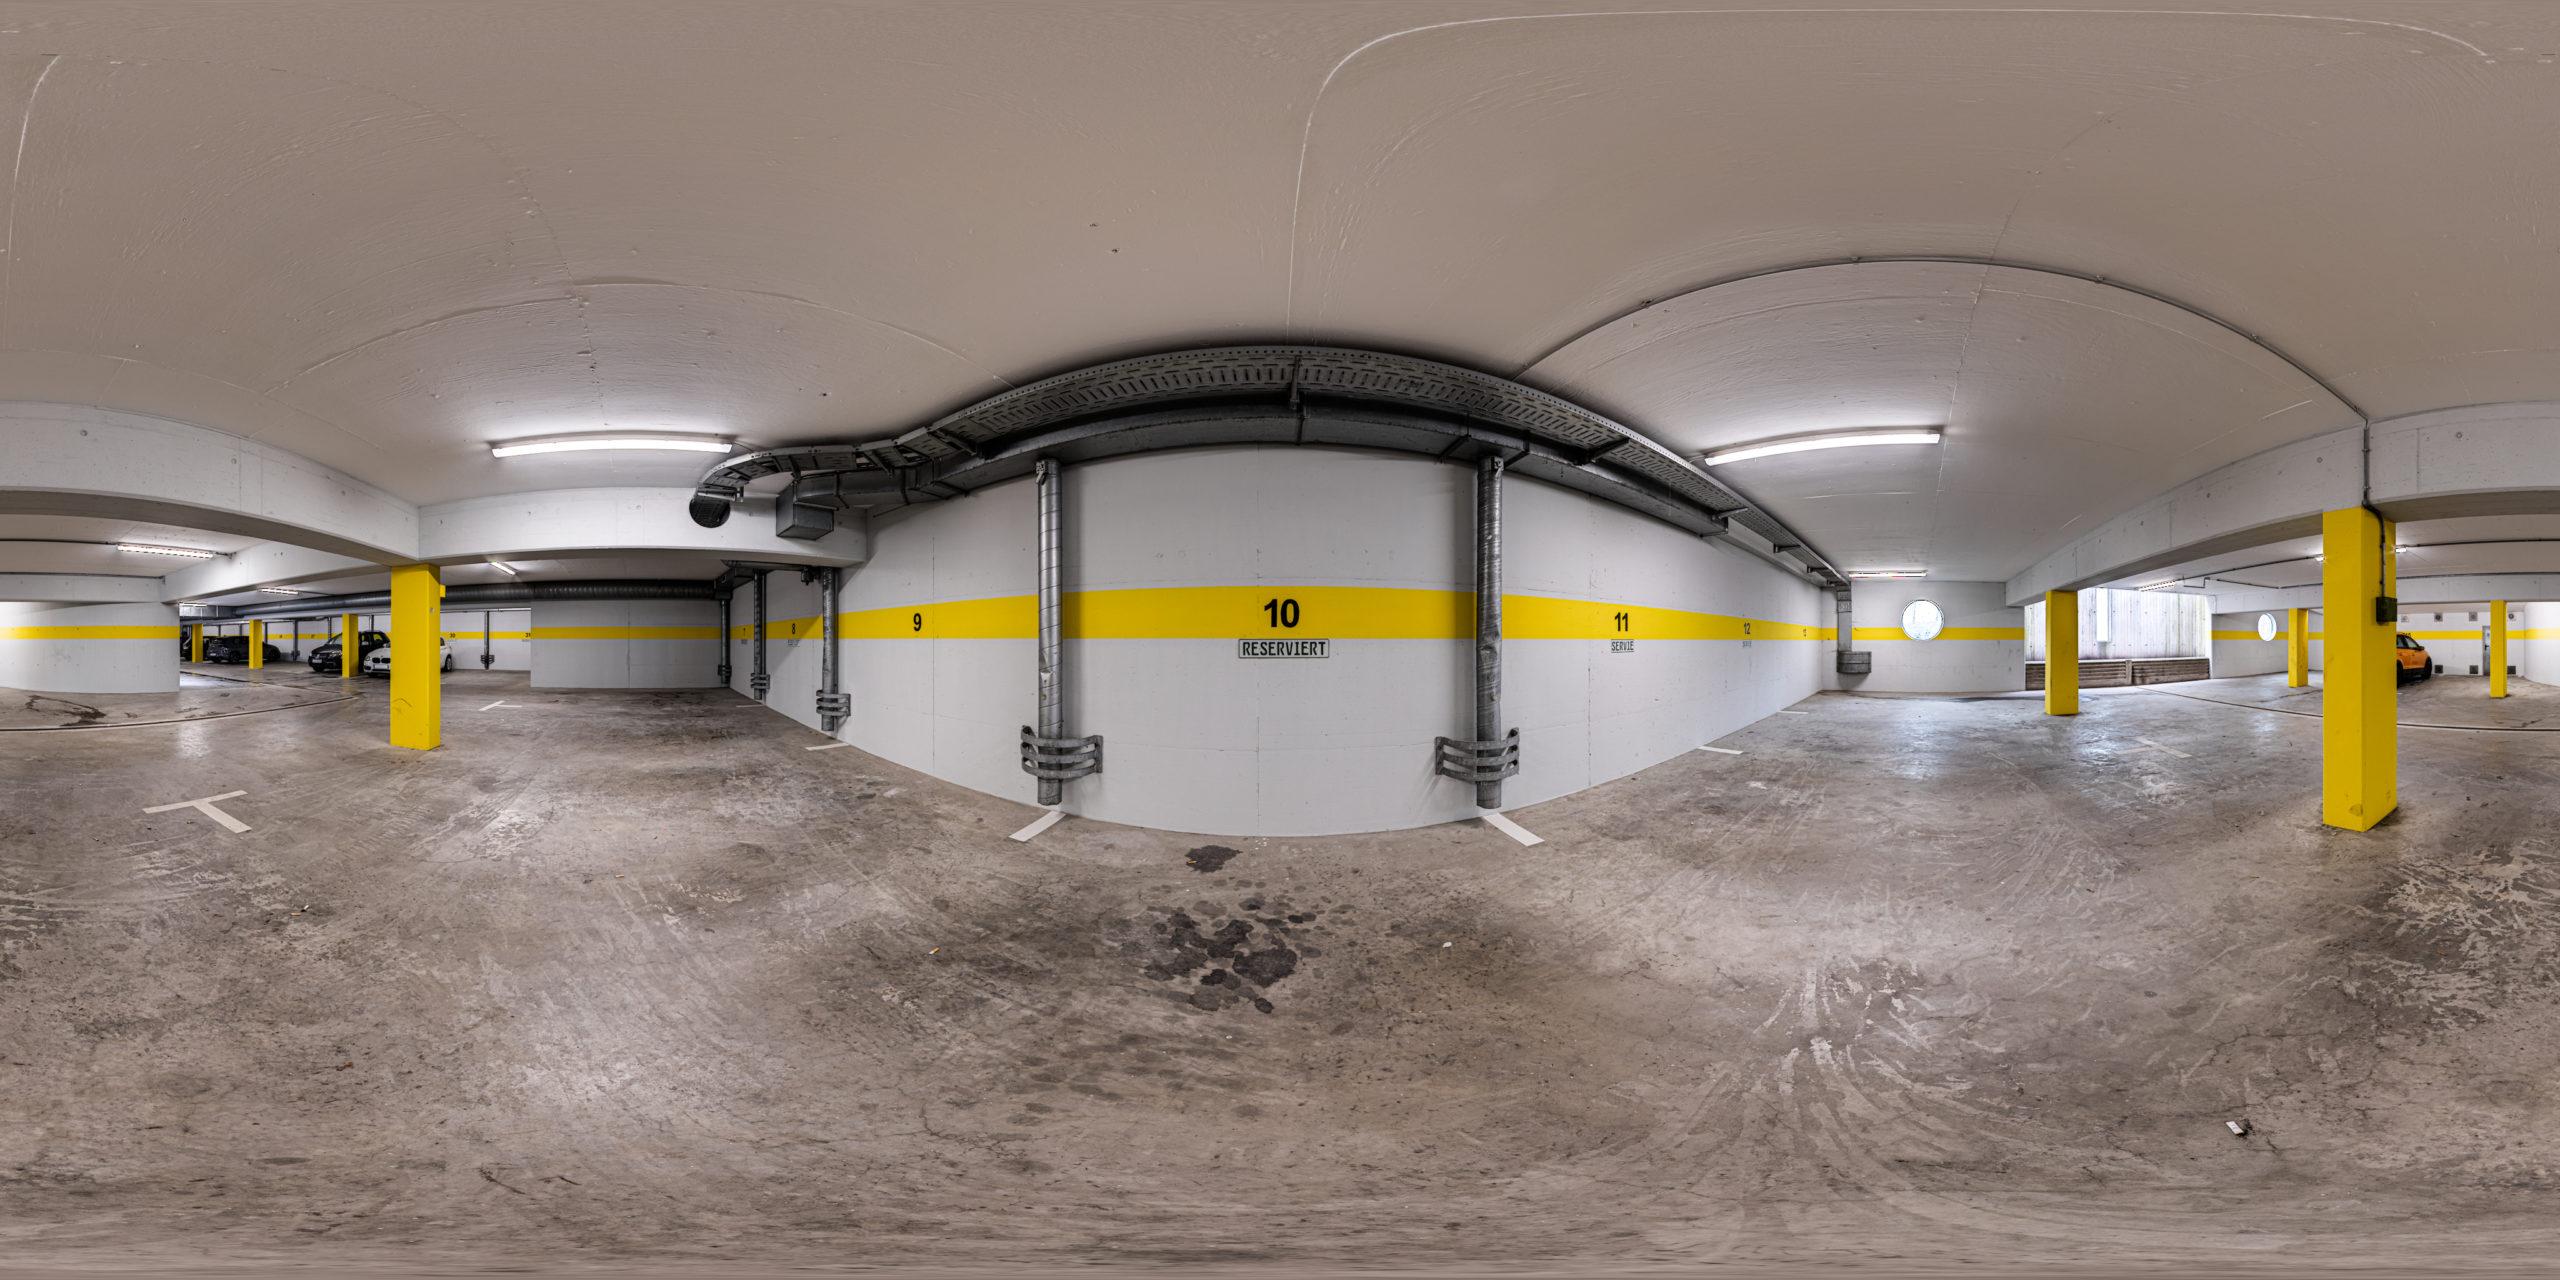 HDRI-Skies-Parking-Garage-Kulturfabrik-Roth